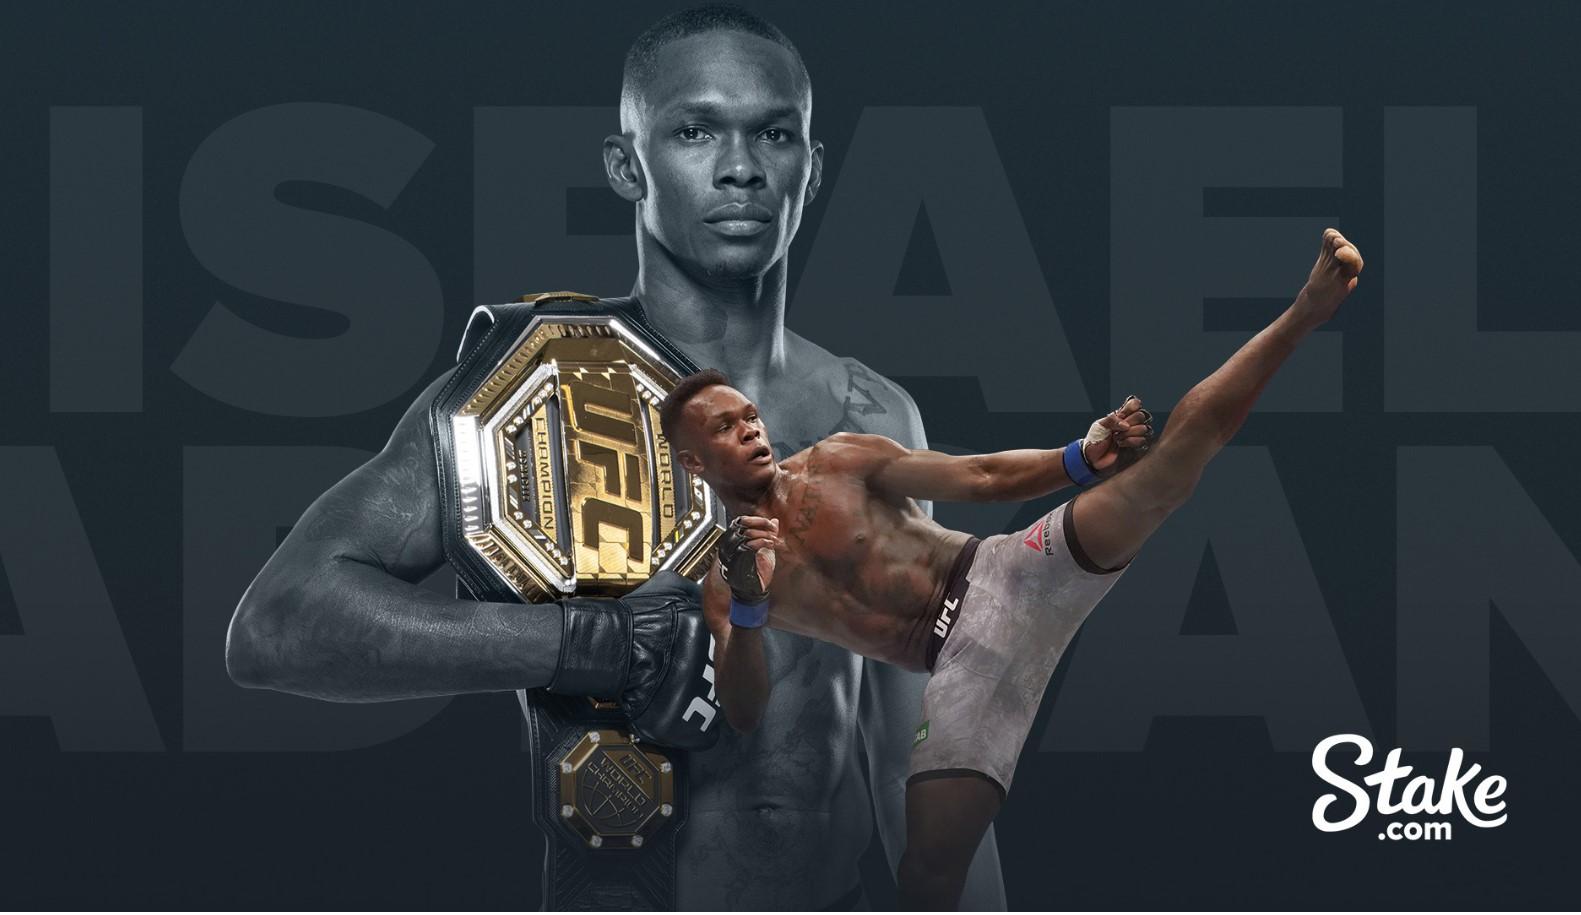 Nhà vô địch UFC Israel Adesanya ký hợp đồng trở thành đại sứ của Stake.com